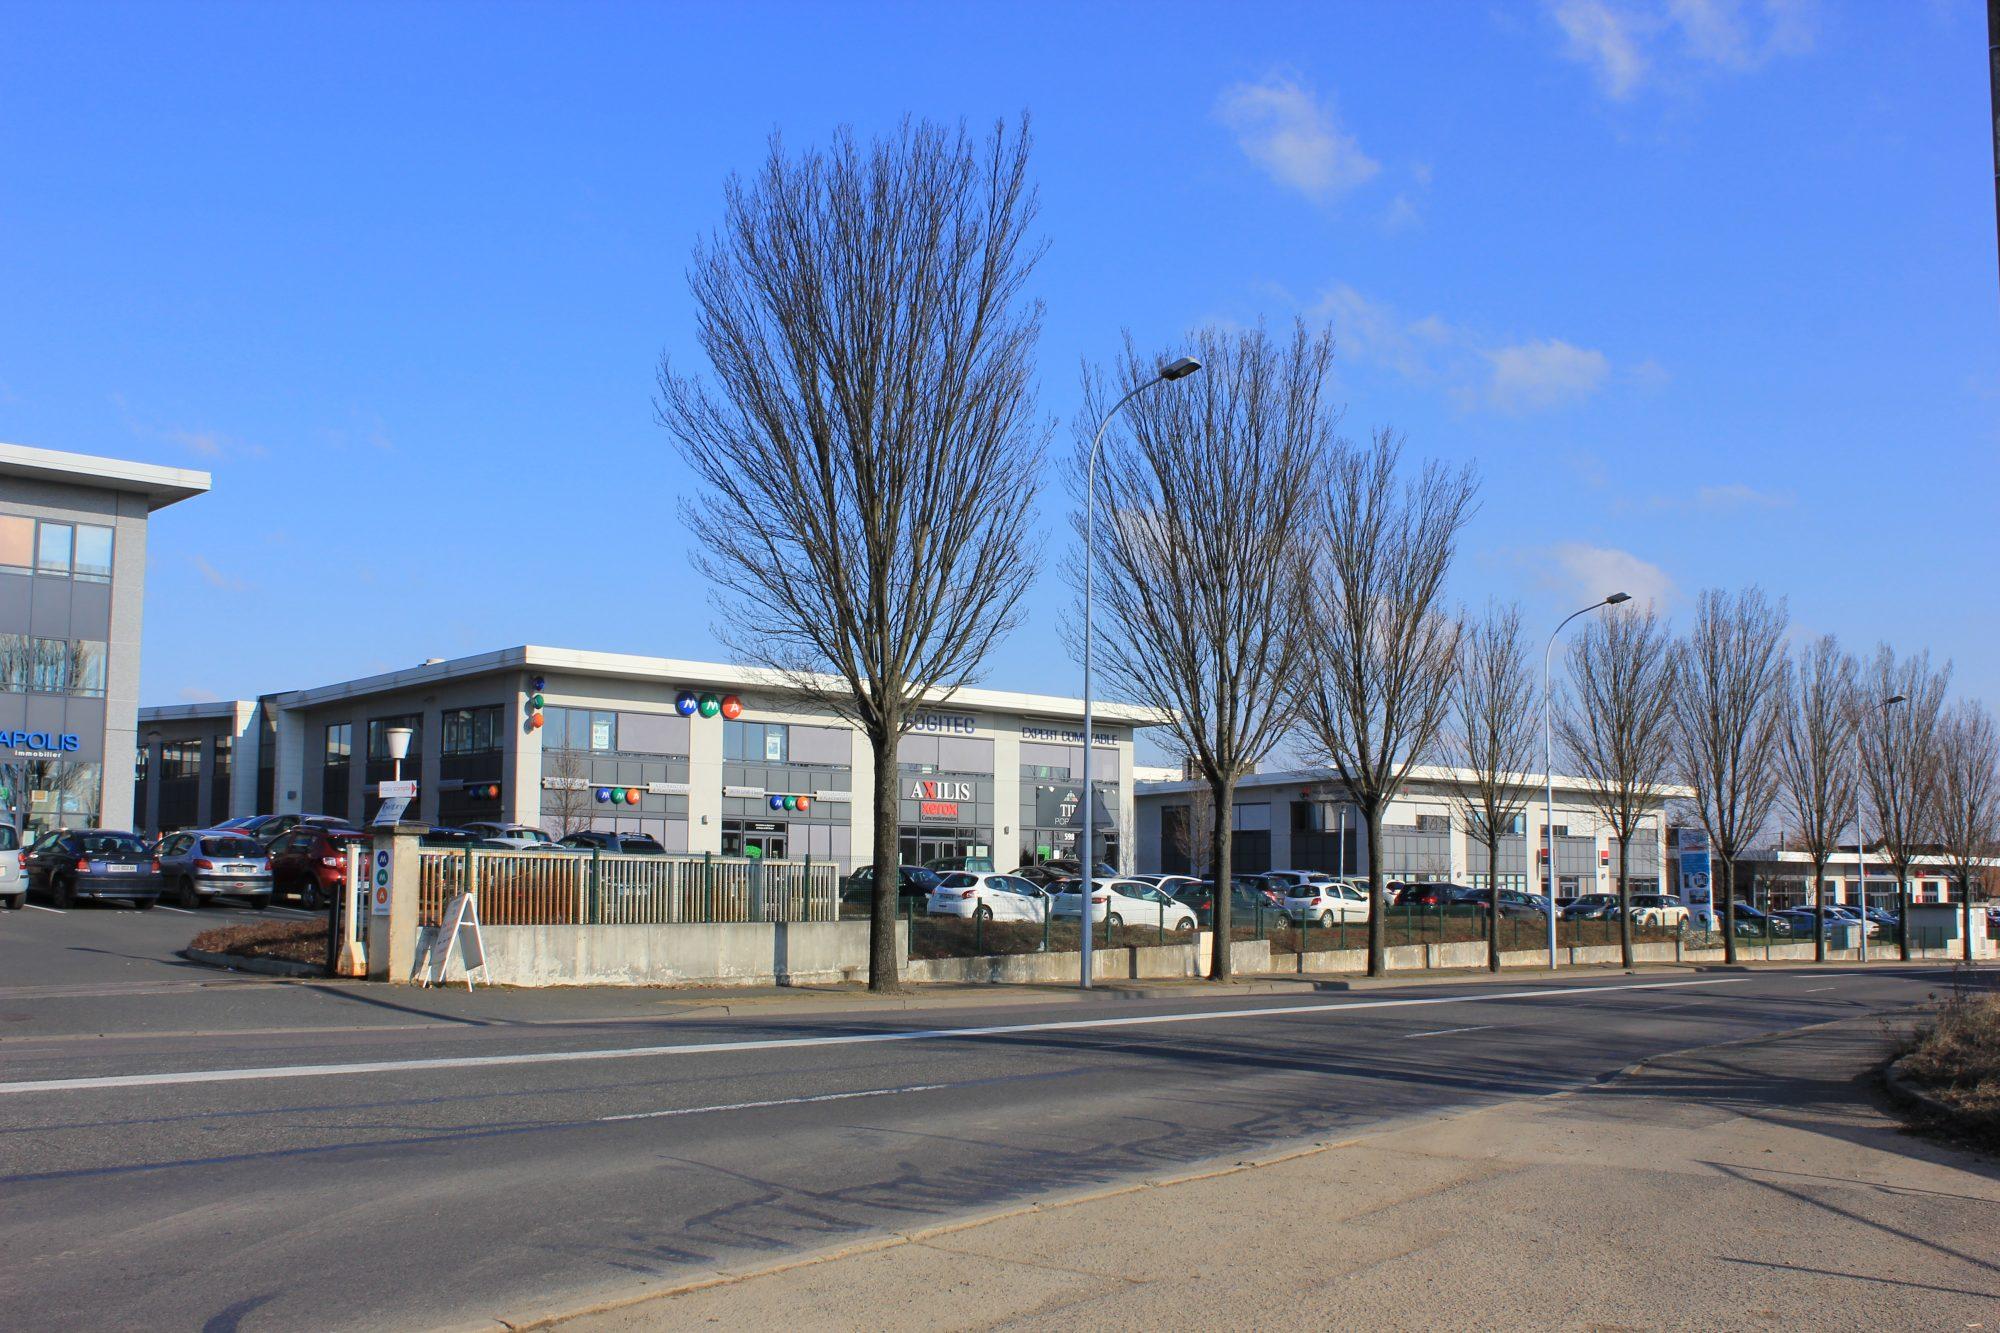 Villefranche sur sa ne parc avenue villefranche sur - Garage berthillon villefranche sur saone ...